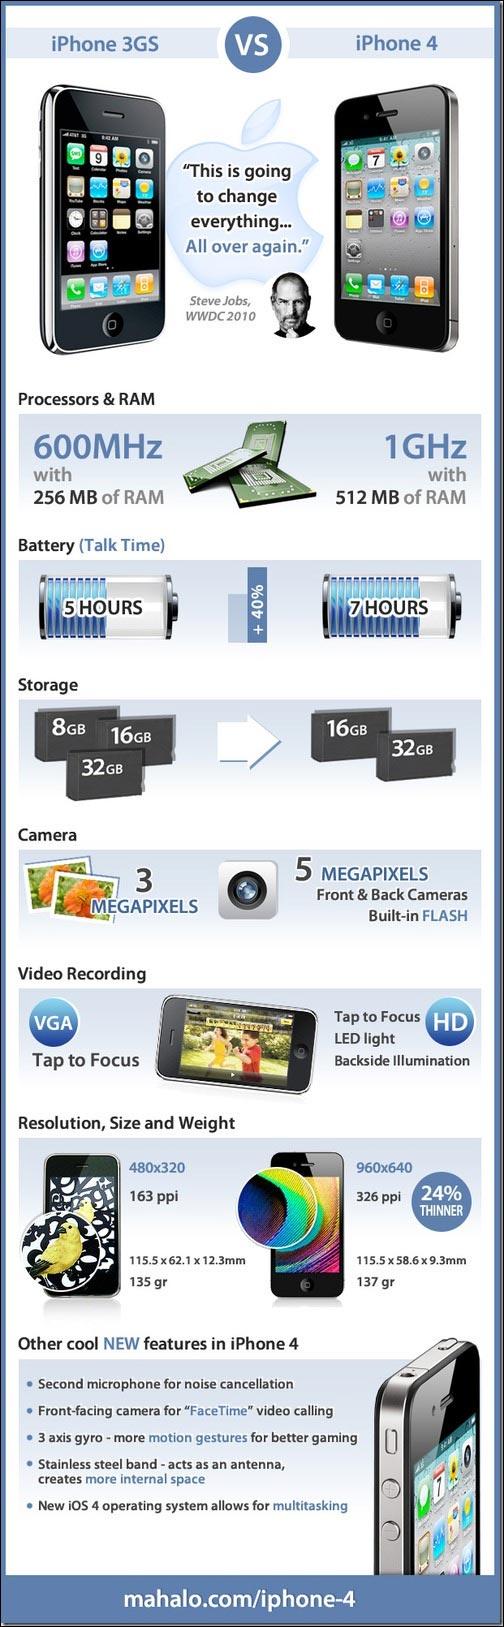 comparaison technique iphone 3gs 4 image